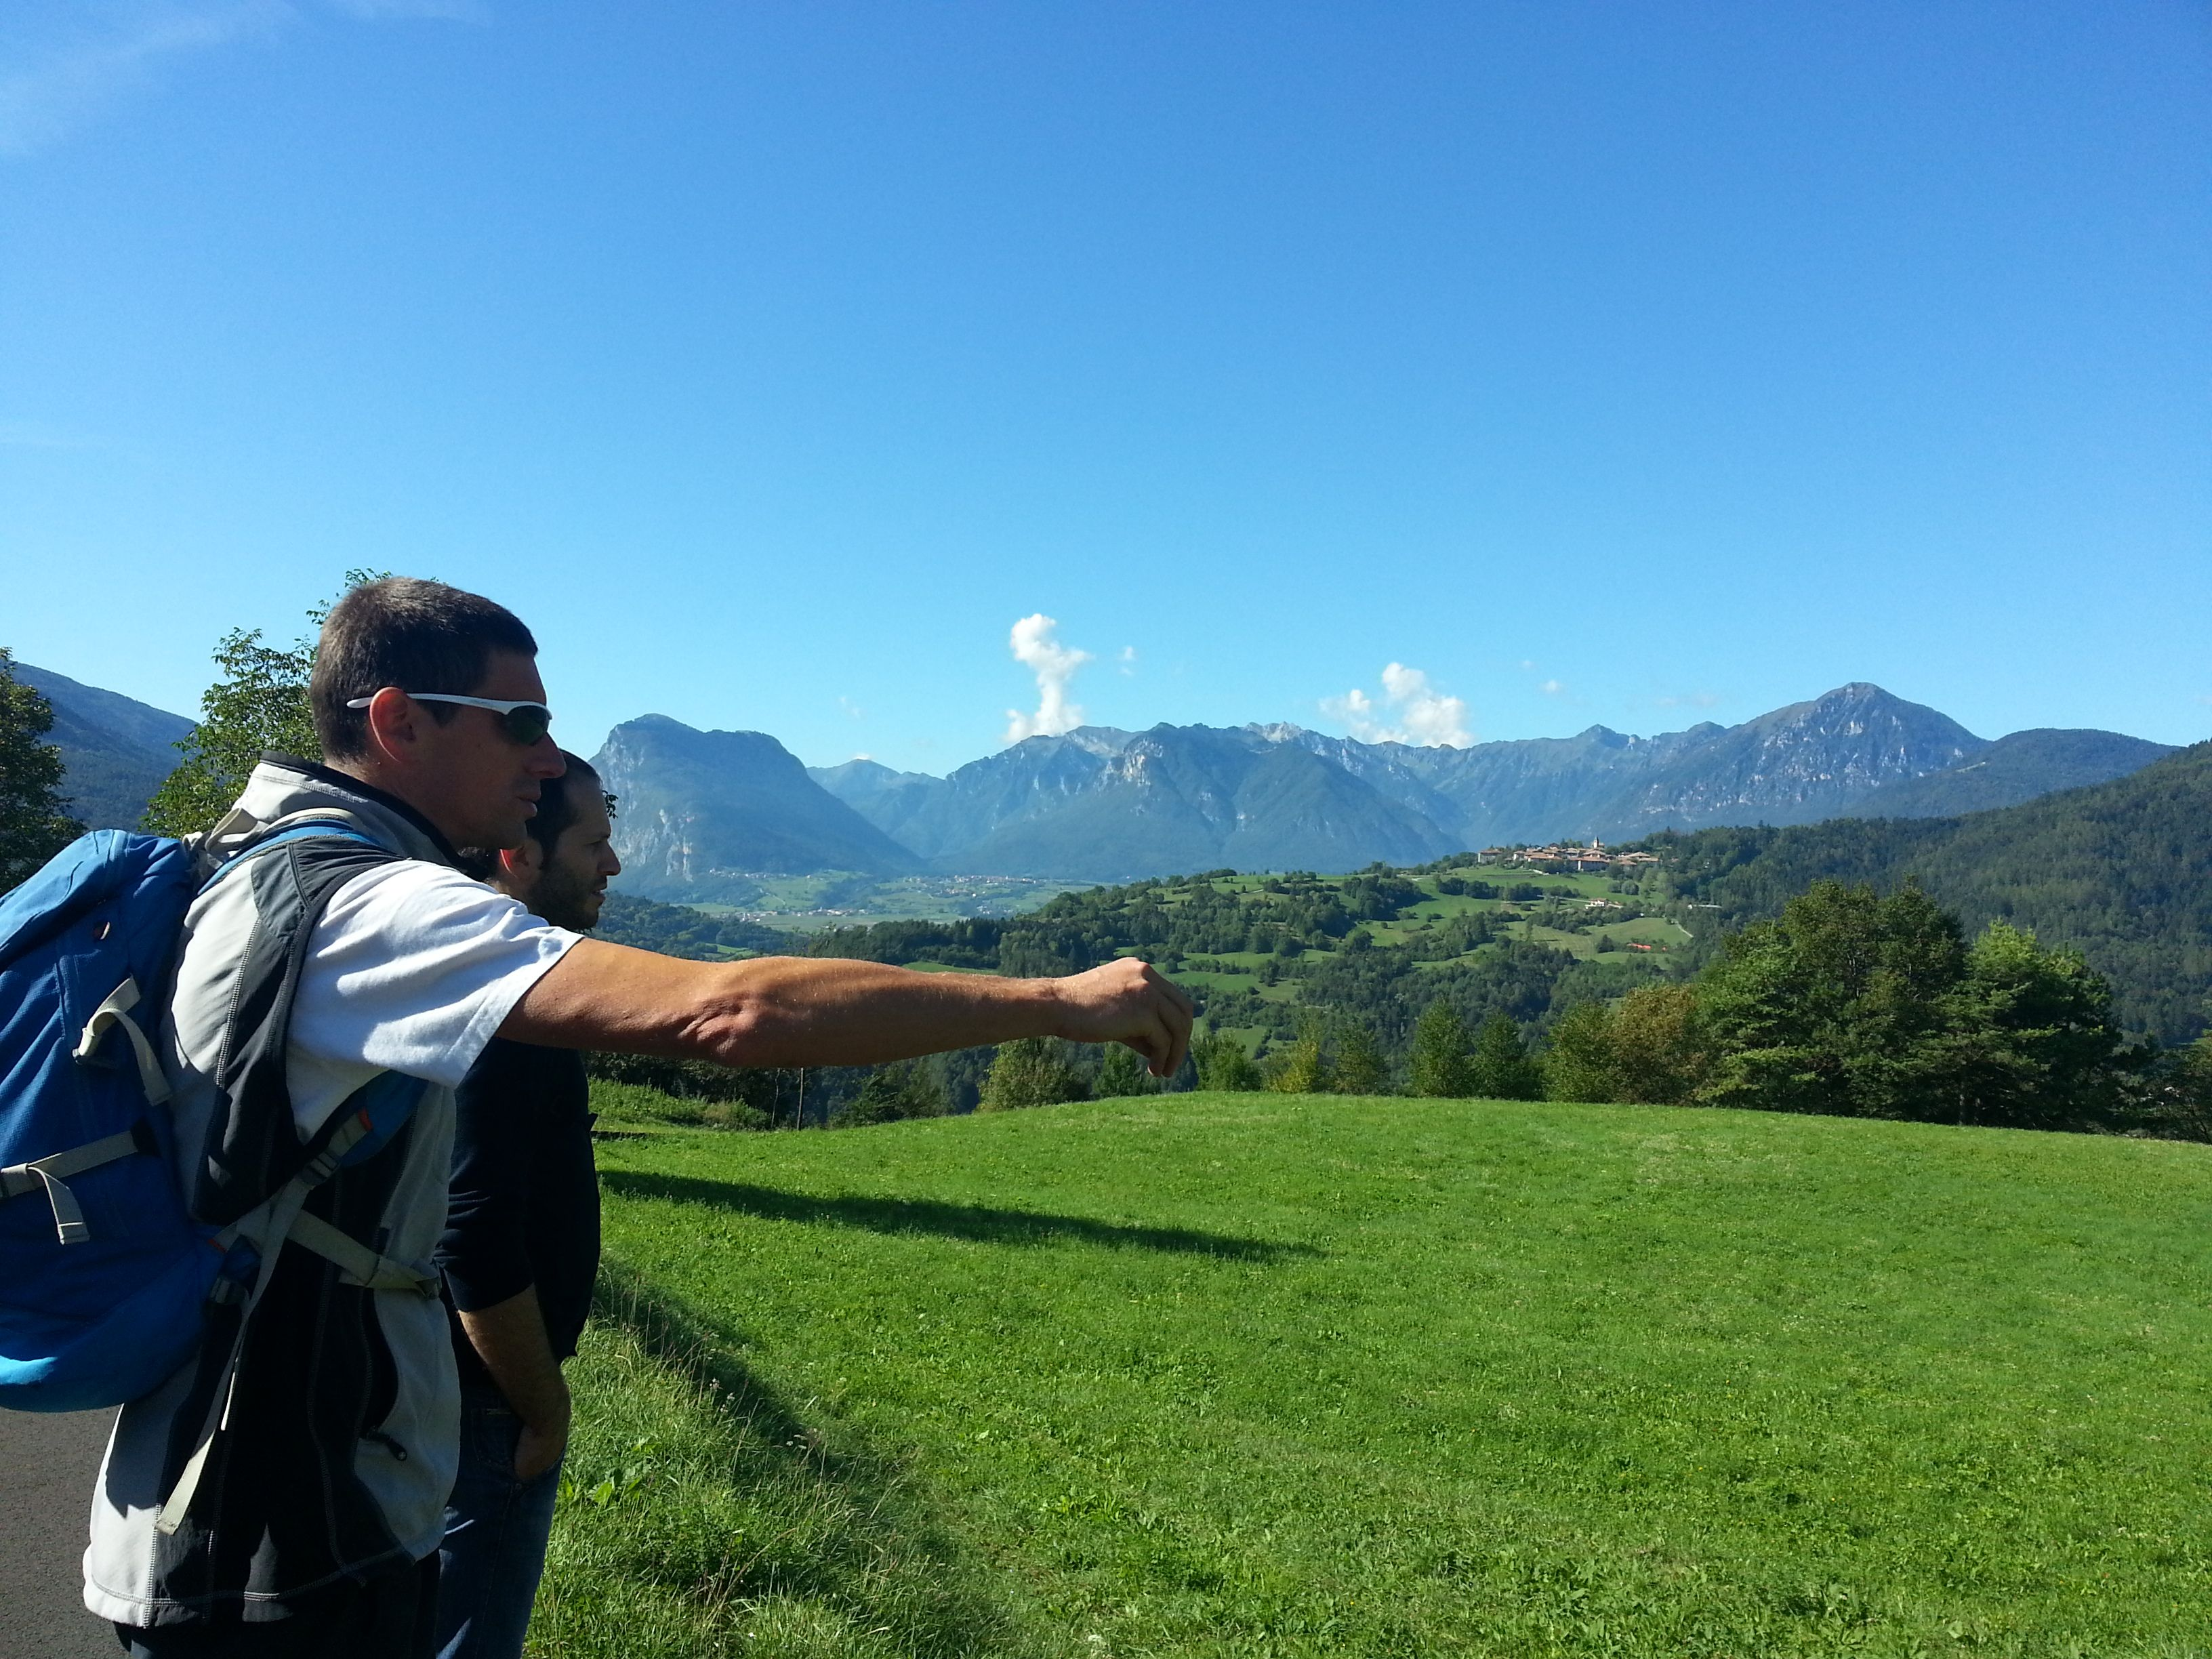 Ammiriamo il #panorama della #comanovallesalus e con l'aiuto delle #guide del #parco #adamello #brenta riconosciamo le vette e le #DolomitidiBrenta #visitacomano #trentino #trekking e #vacanzanatura a #kmzero